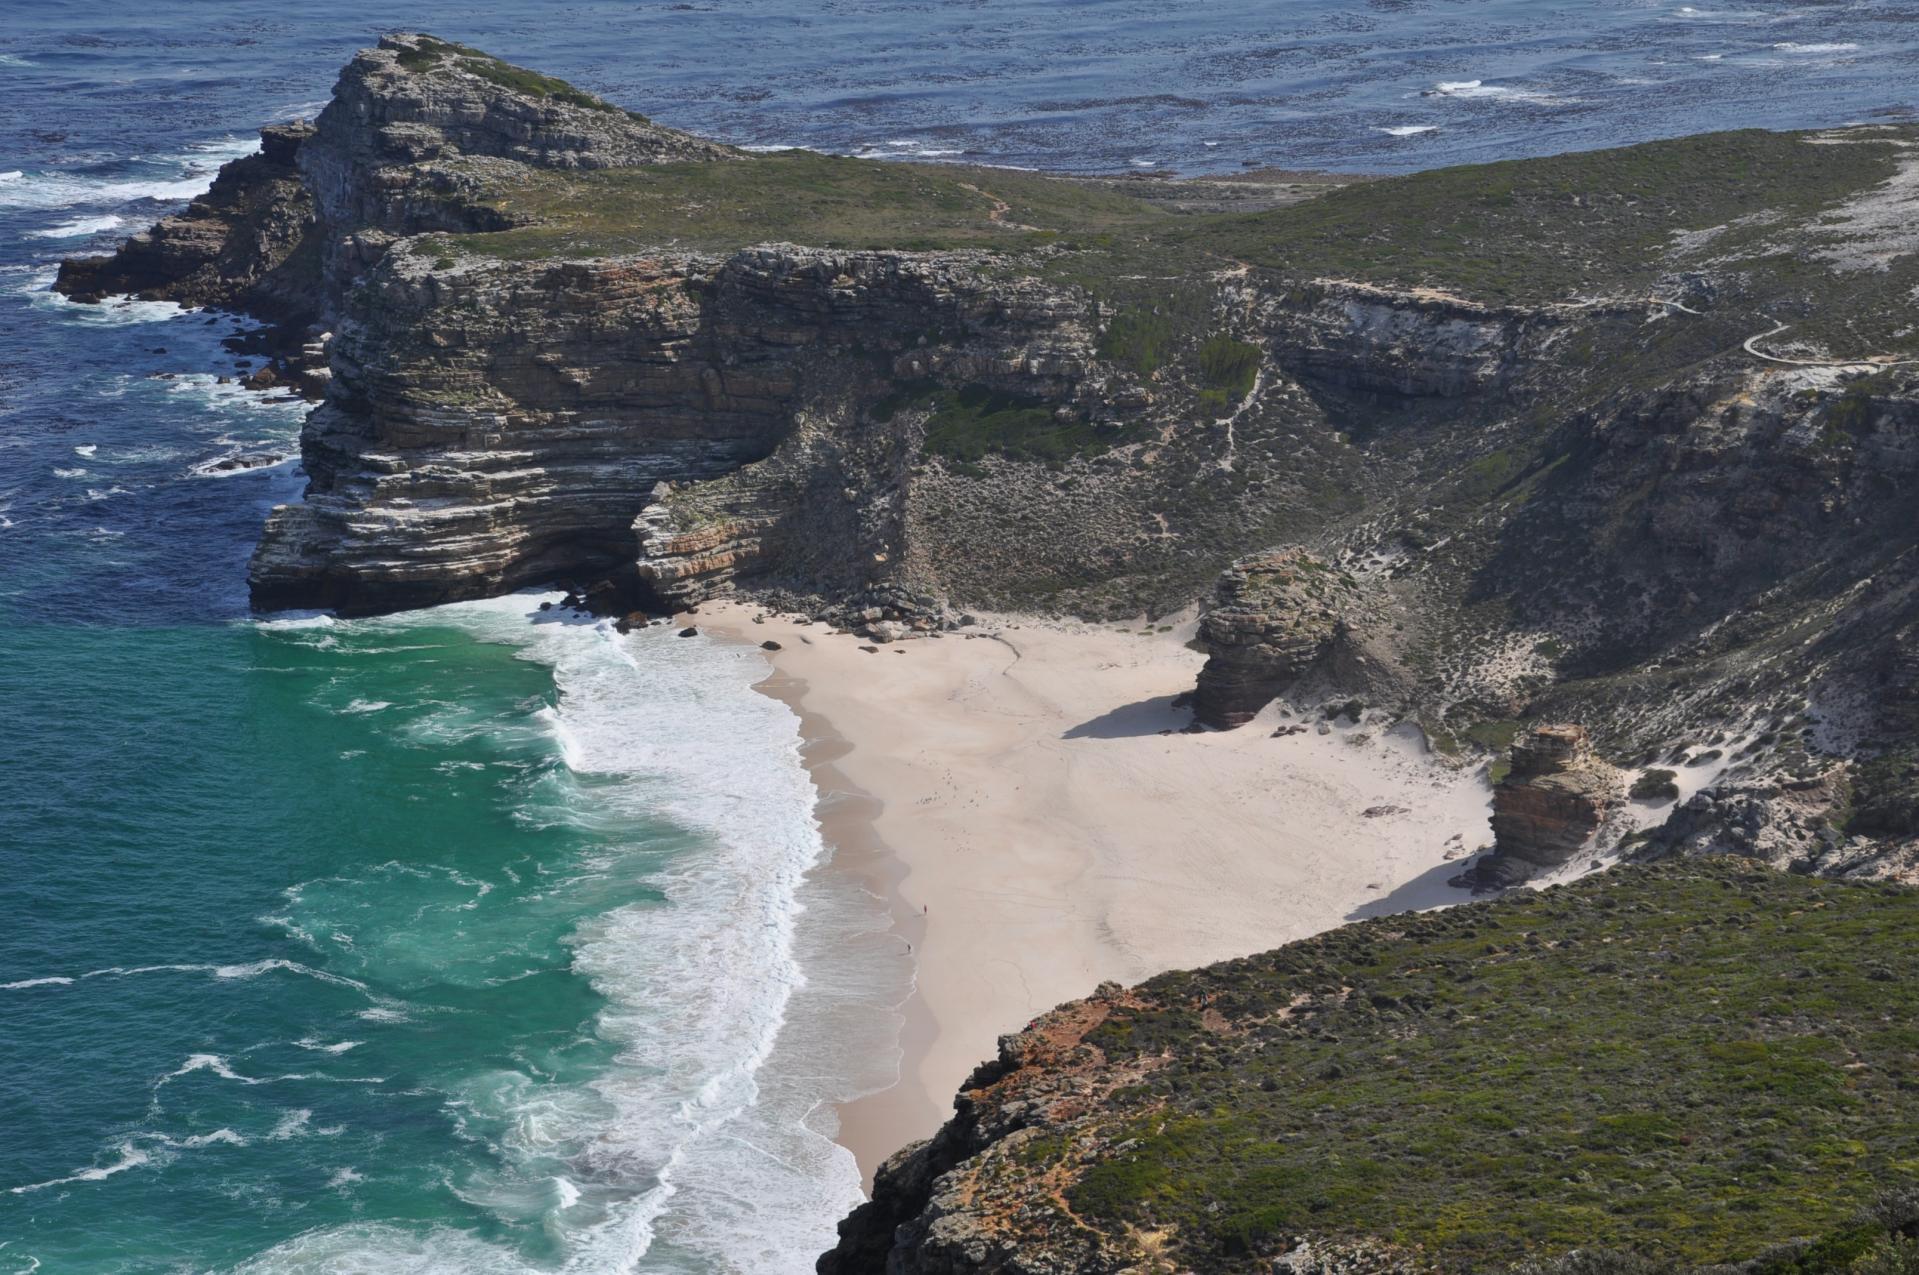 la plage au Cap de Bonne-Espérance